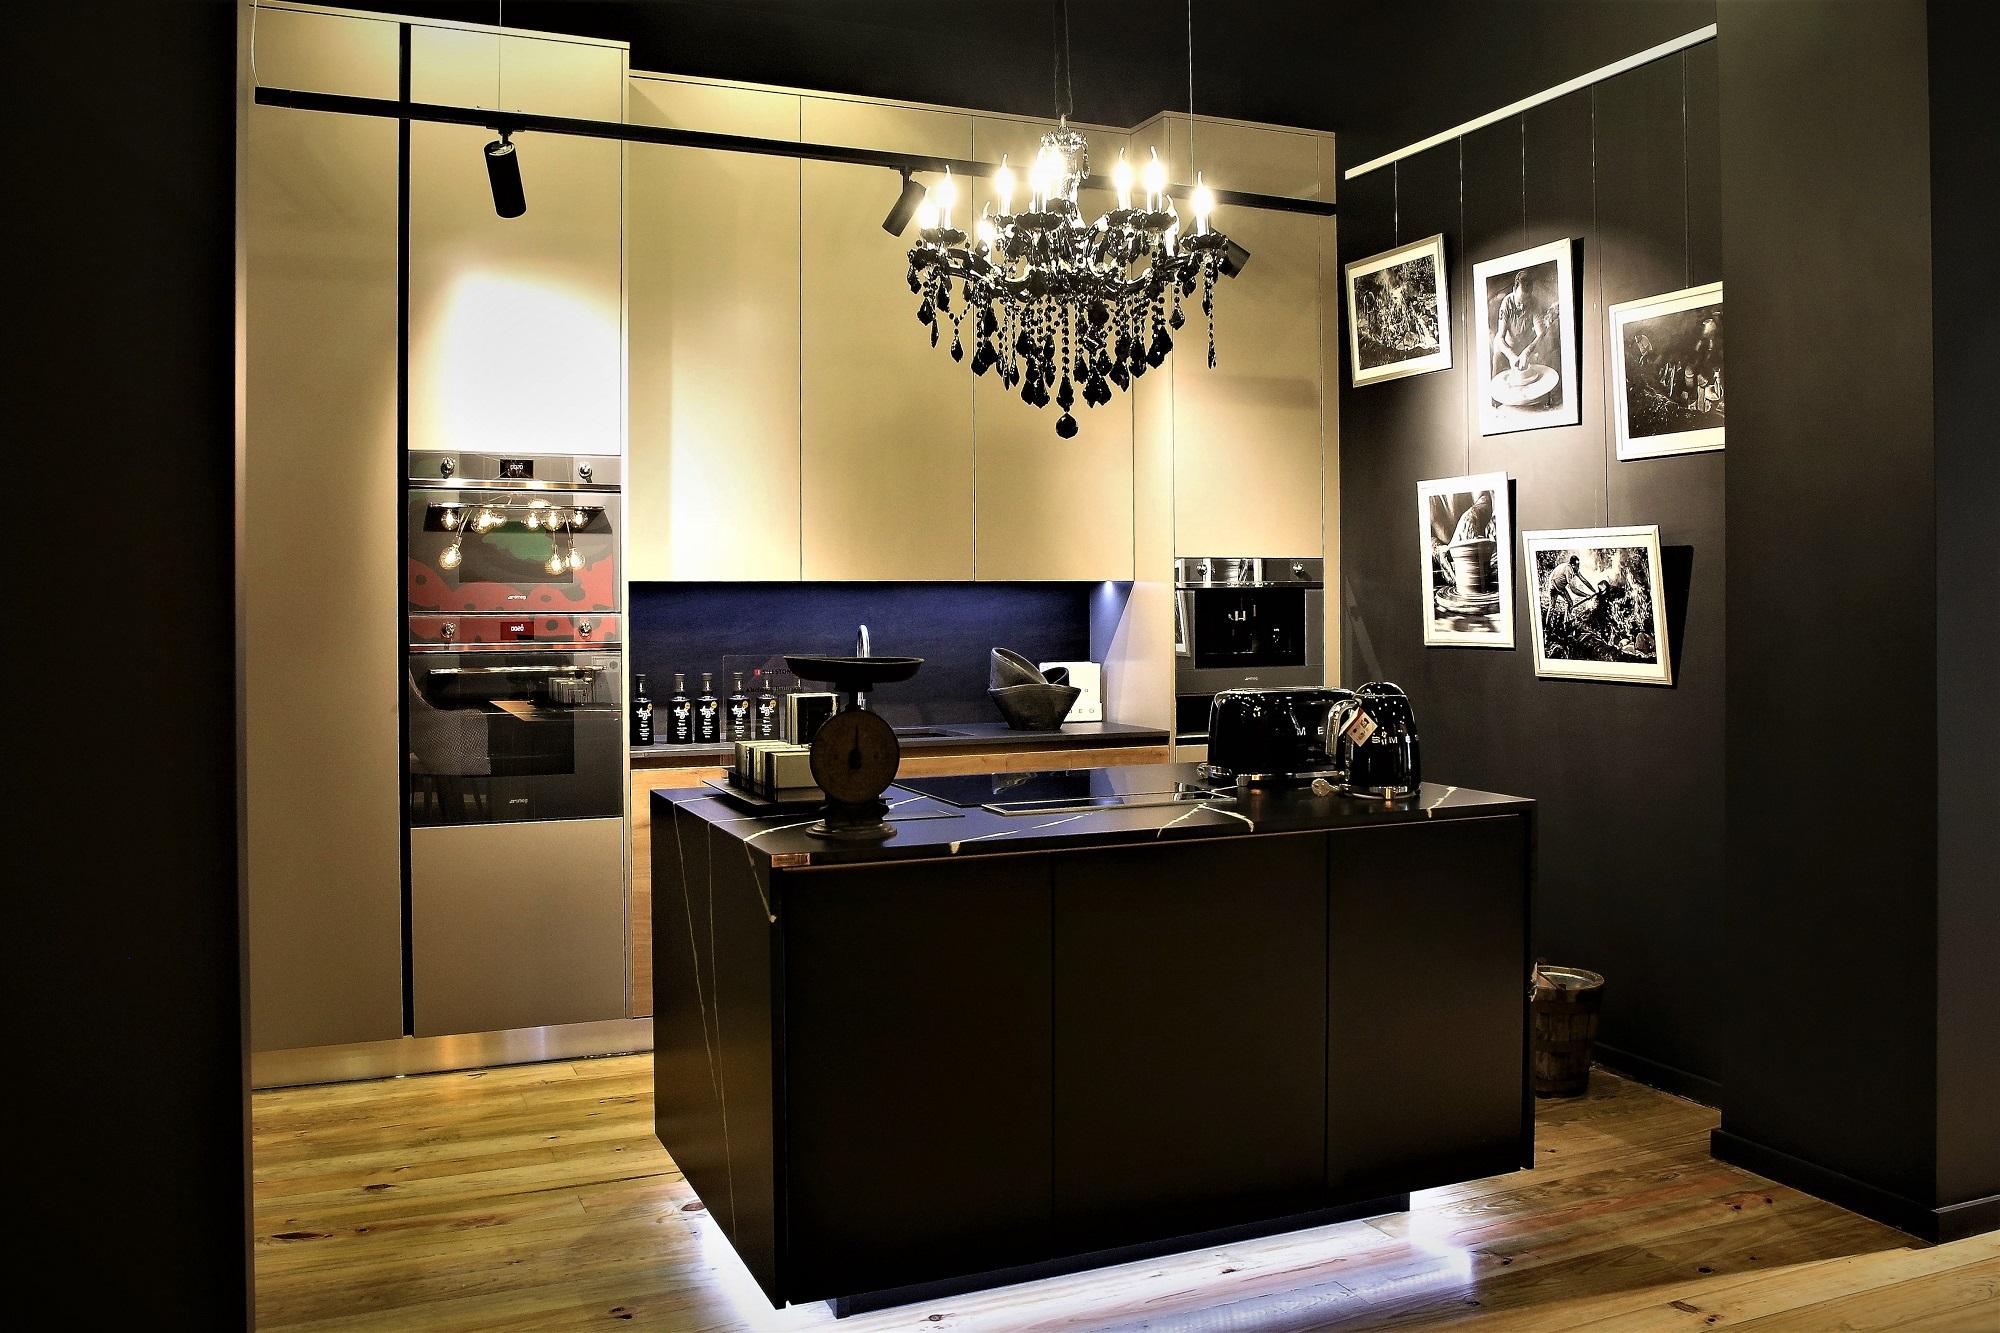 Cozinha_Ed_1